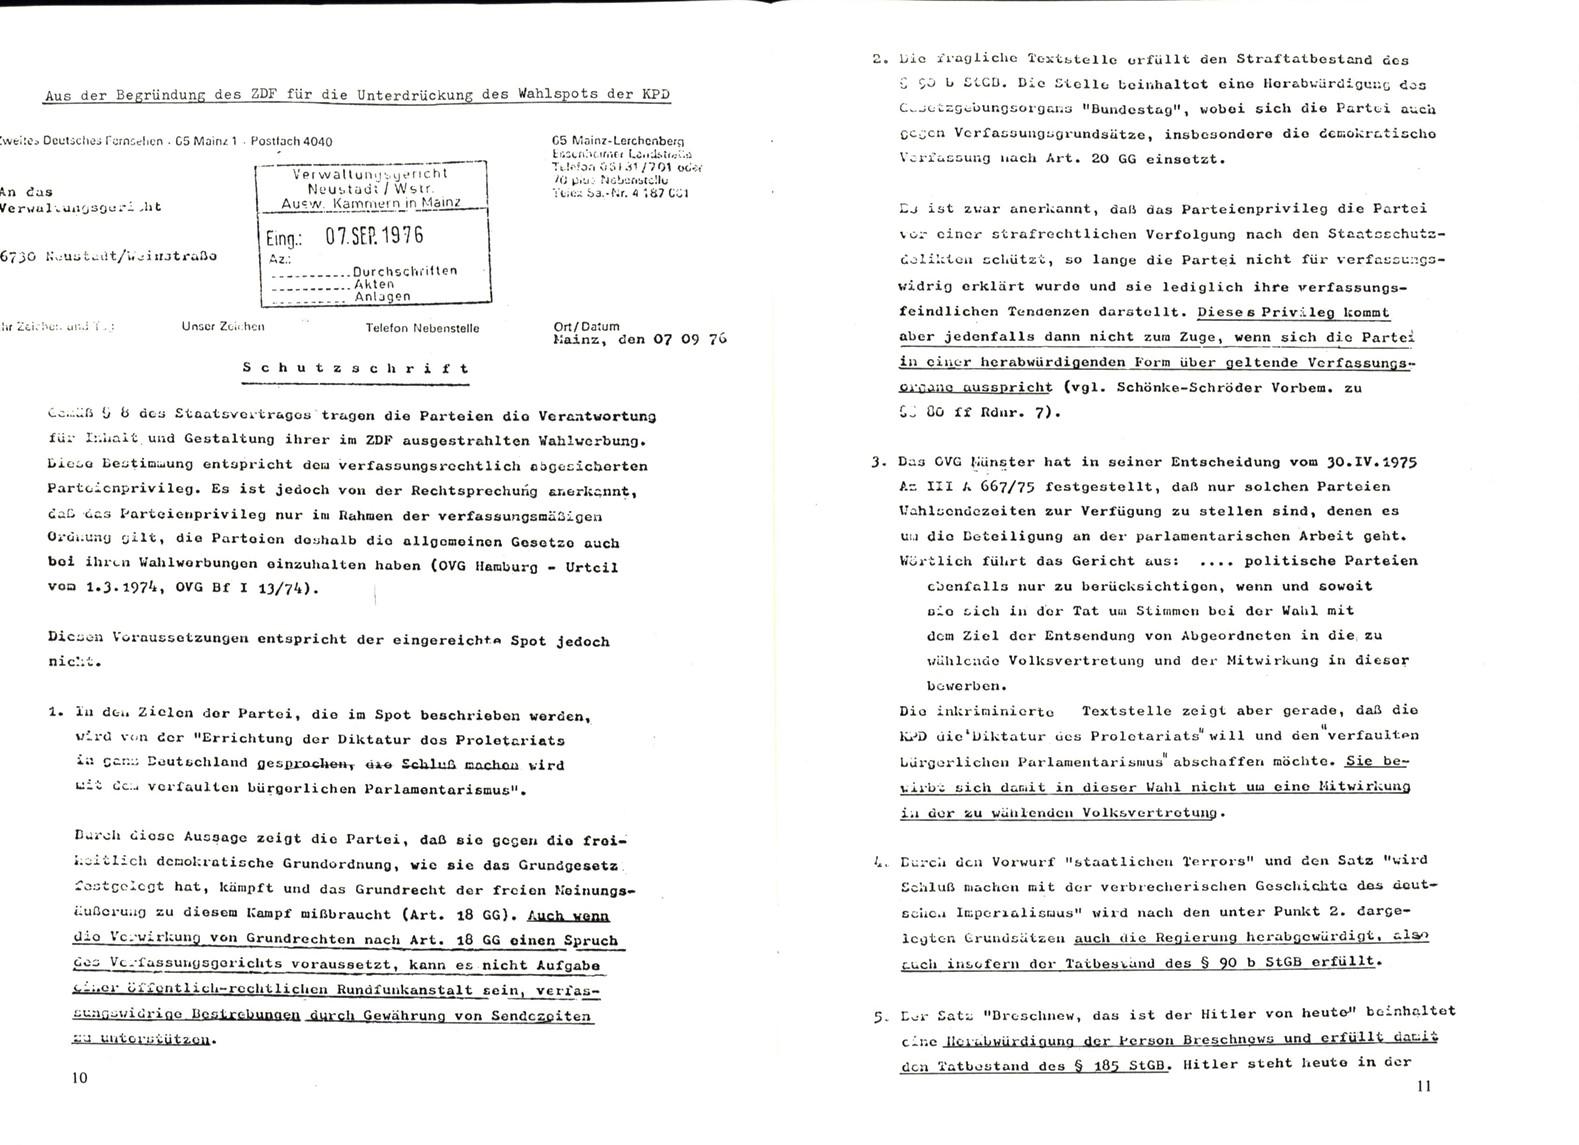 KPDAO_1976_Wahlbehinderungen_im_BTW_07